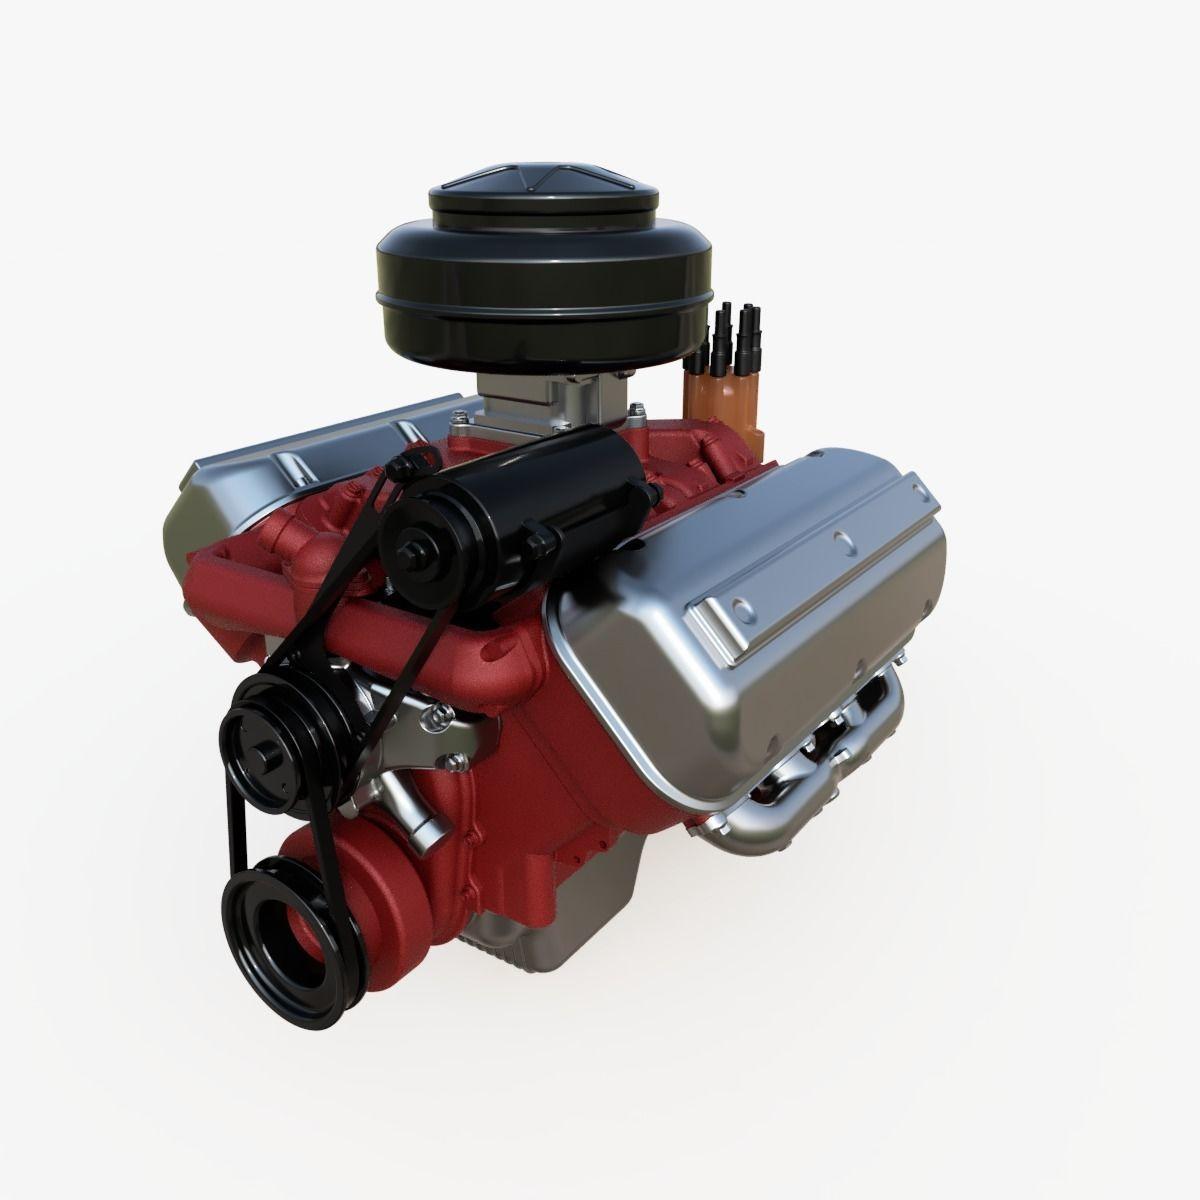 Vintage HEMI engine